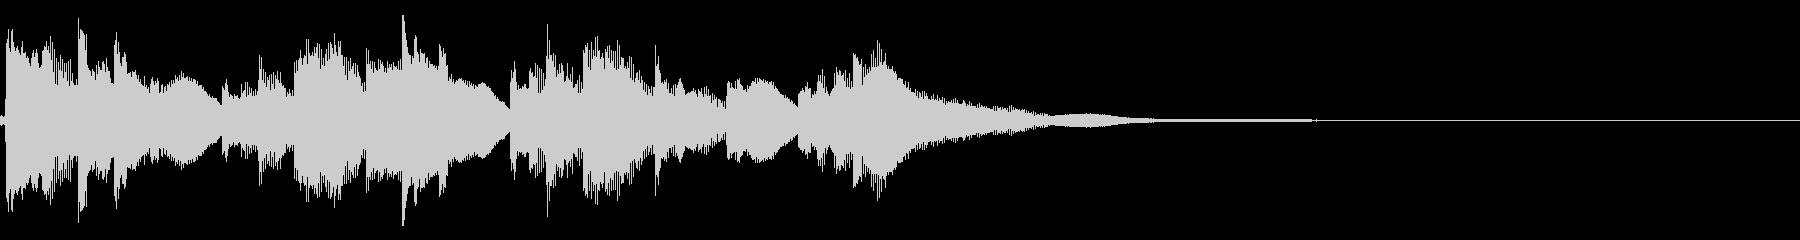 琴☆アイキャッチ2 リバーブ有の未再生の波形